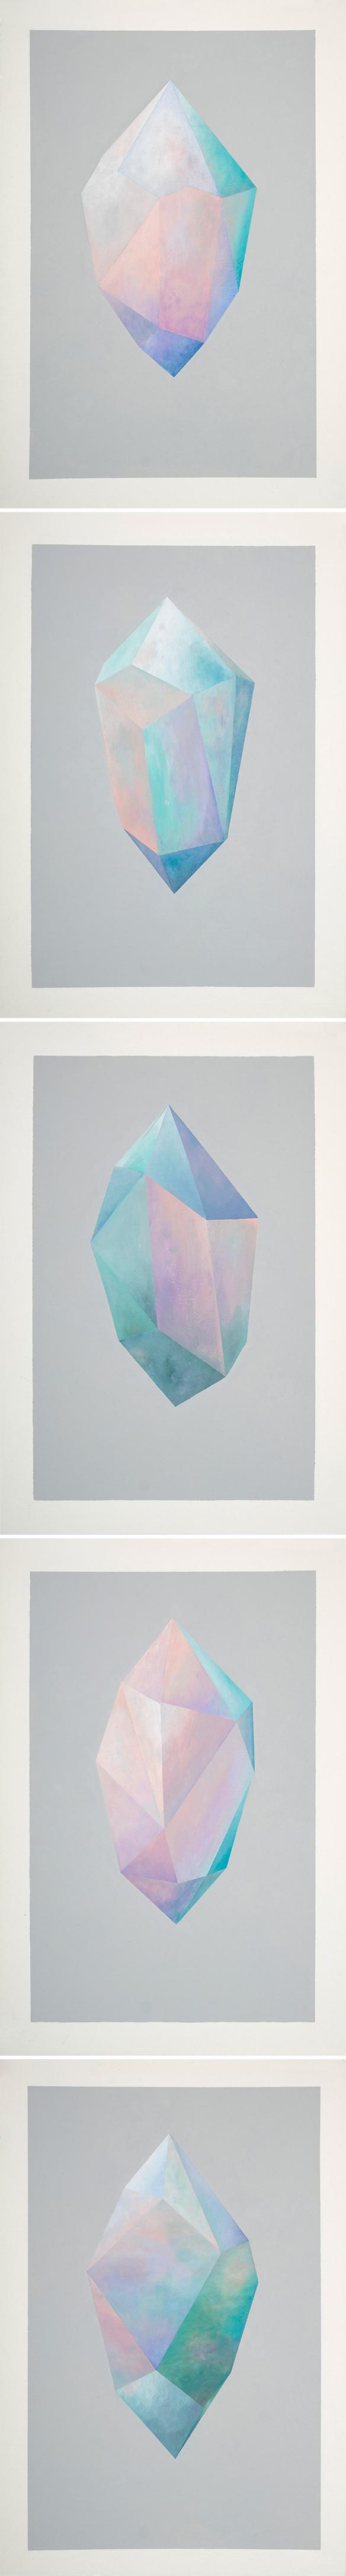 rebeccachaperon_crystals